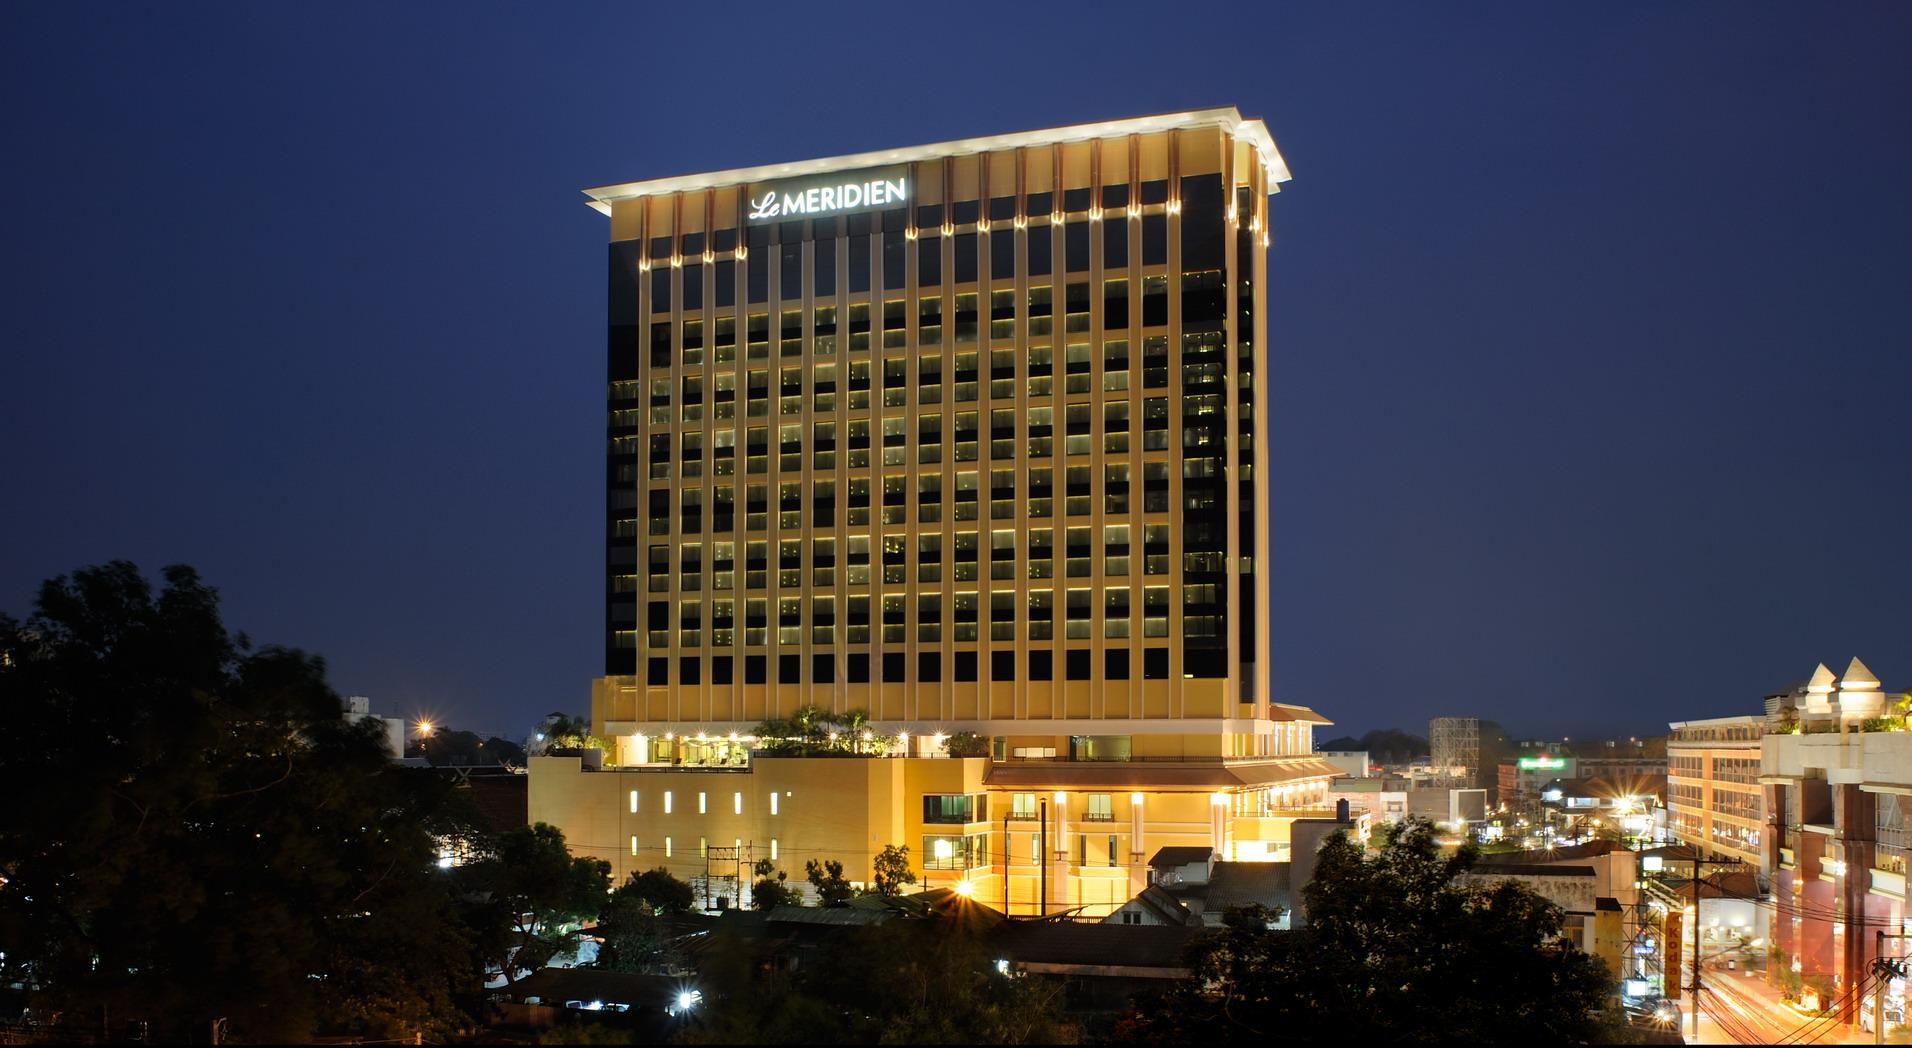 מלון לה מרידיאן צ'אנג מאי